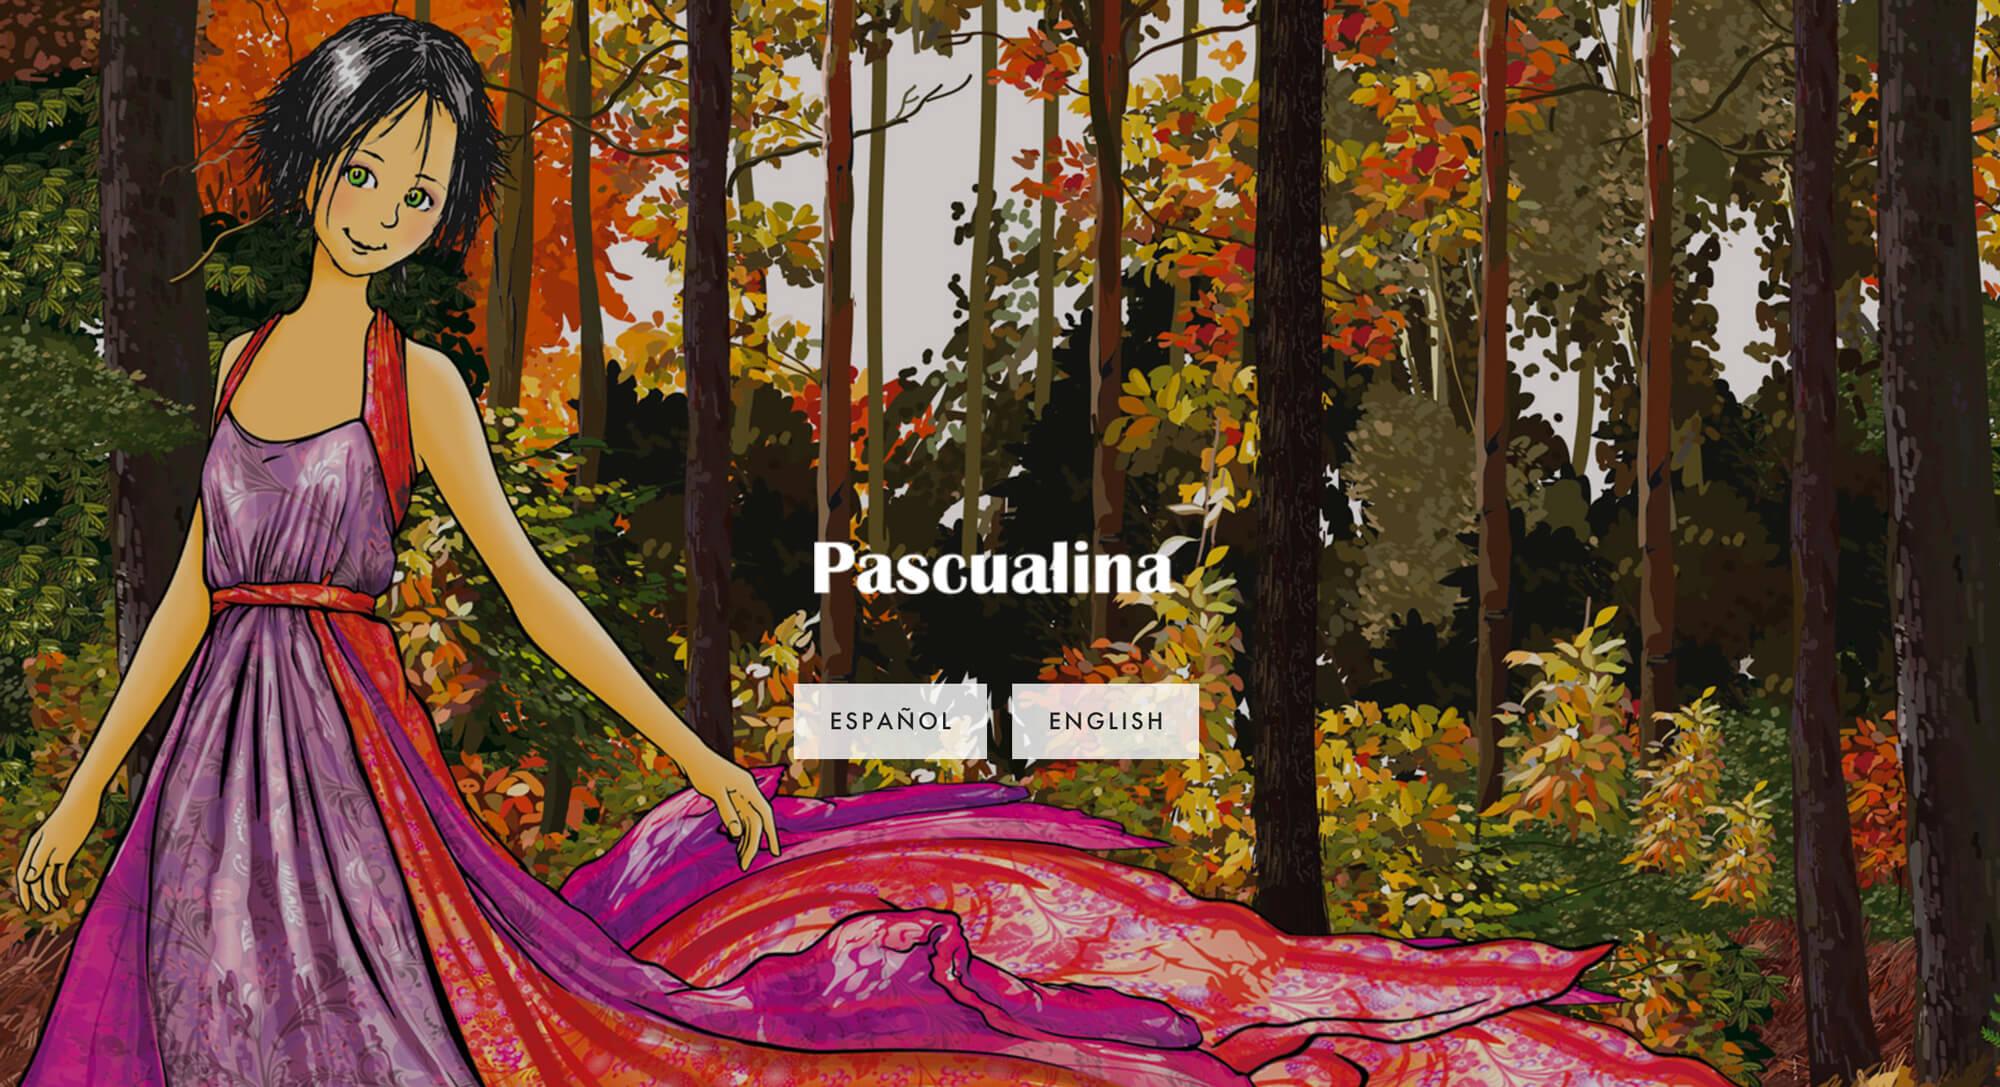 Esta es la web de  Pascualina . Con total honestidad, no me queda muy claro de qué va la marca, más allá de que tiene que ver con ilustración, pero es un buen ejemplo de uso de una Cover Page de Squarespace para un sitio bilingüe.